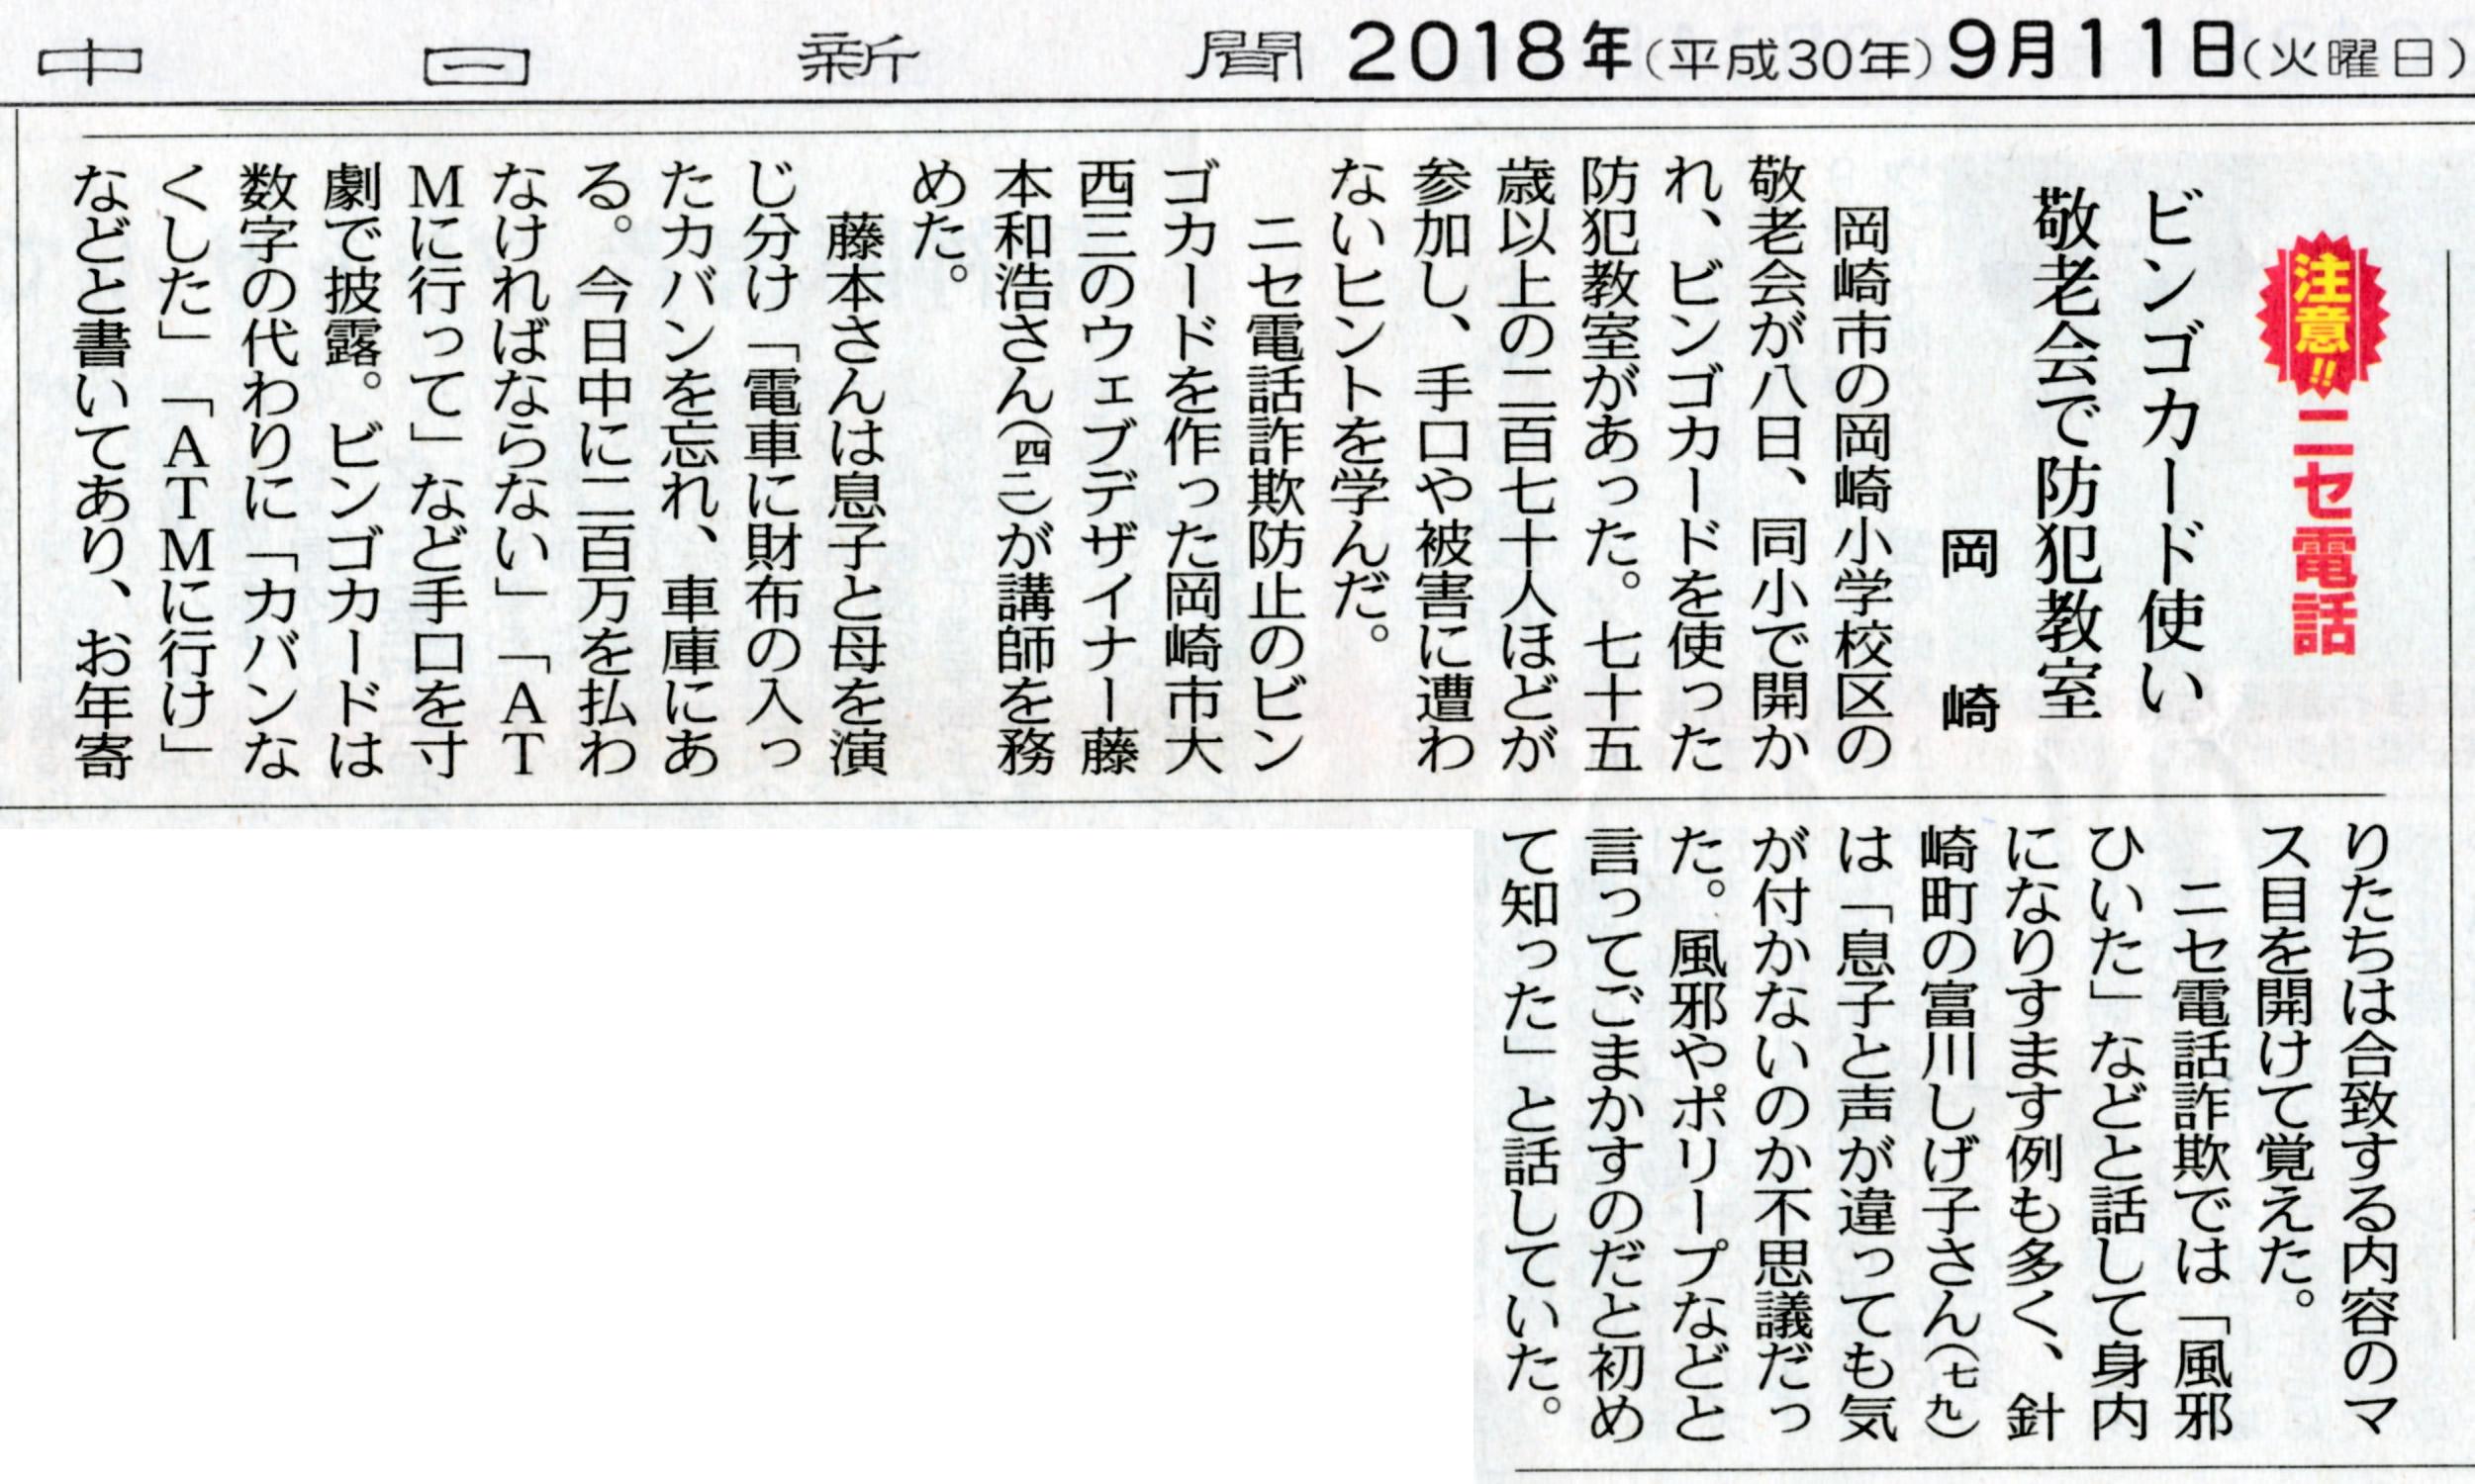 老会にお招きいただき開催したビンゴガード大会の様子が中日新聞さんに掲載されました。 #防災防犯マップ #ビンゴガイド #BingoGuard #MoaiDesign #モアイデザイン